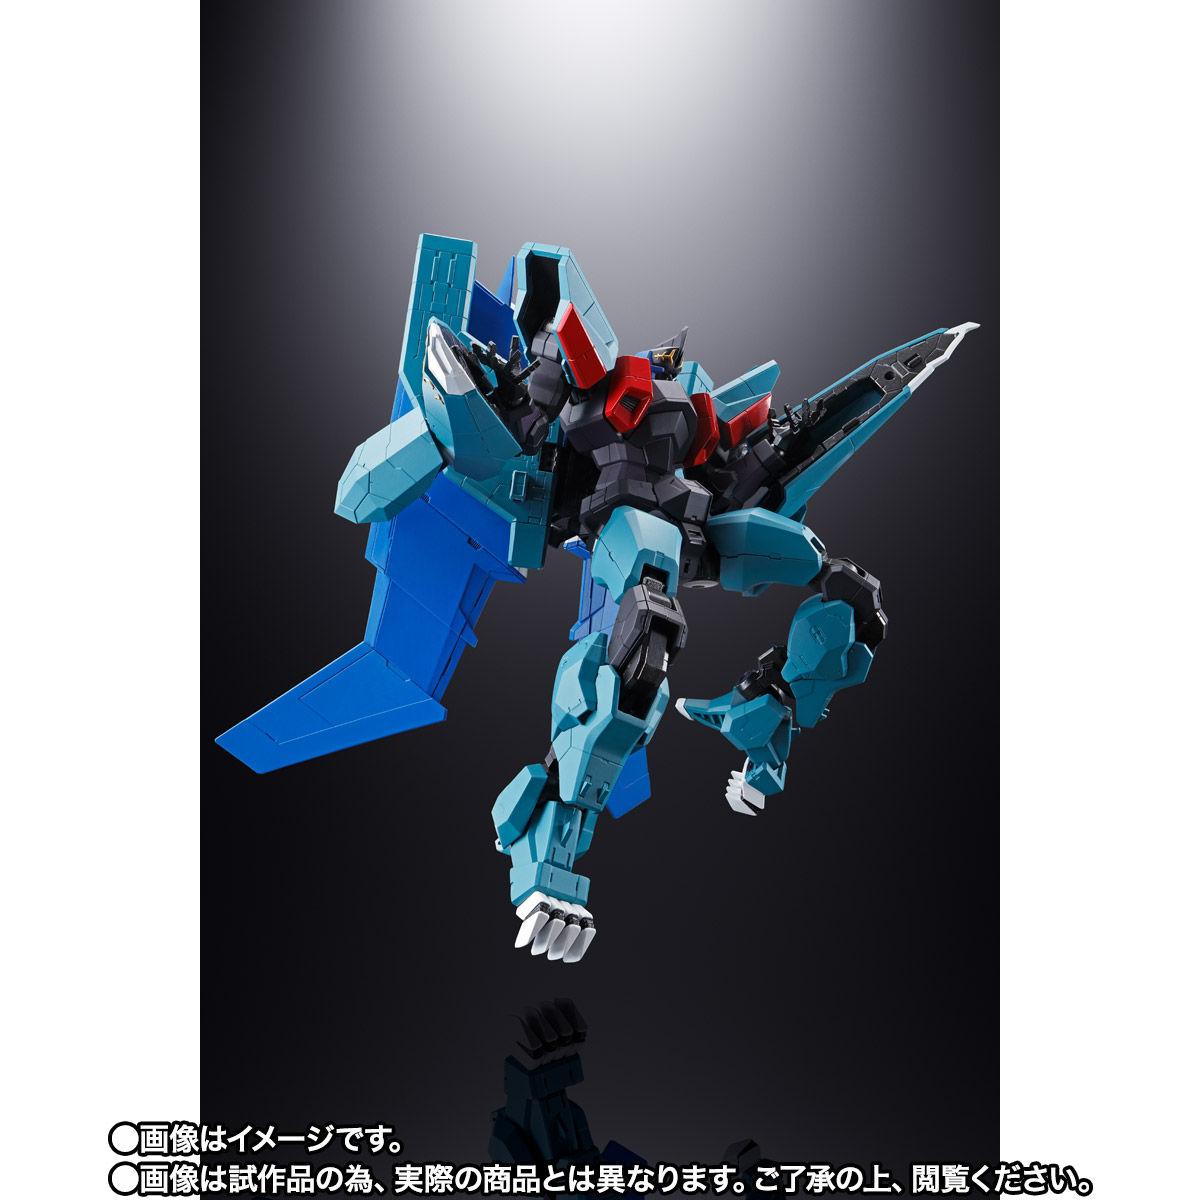 【限定販売】超合金魂 GX-94『ブラックウイング』超獣機神ダンクーガ 可変可動フィギュア-005